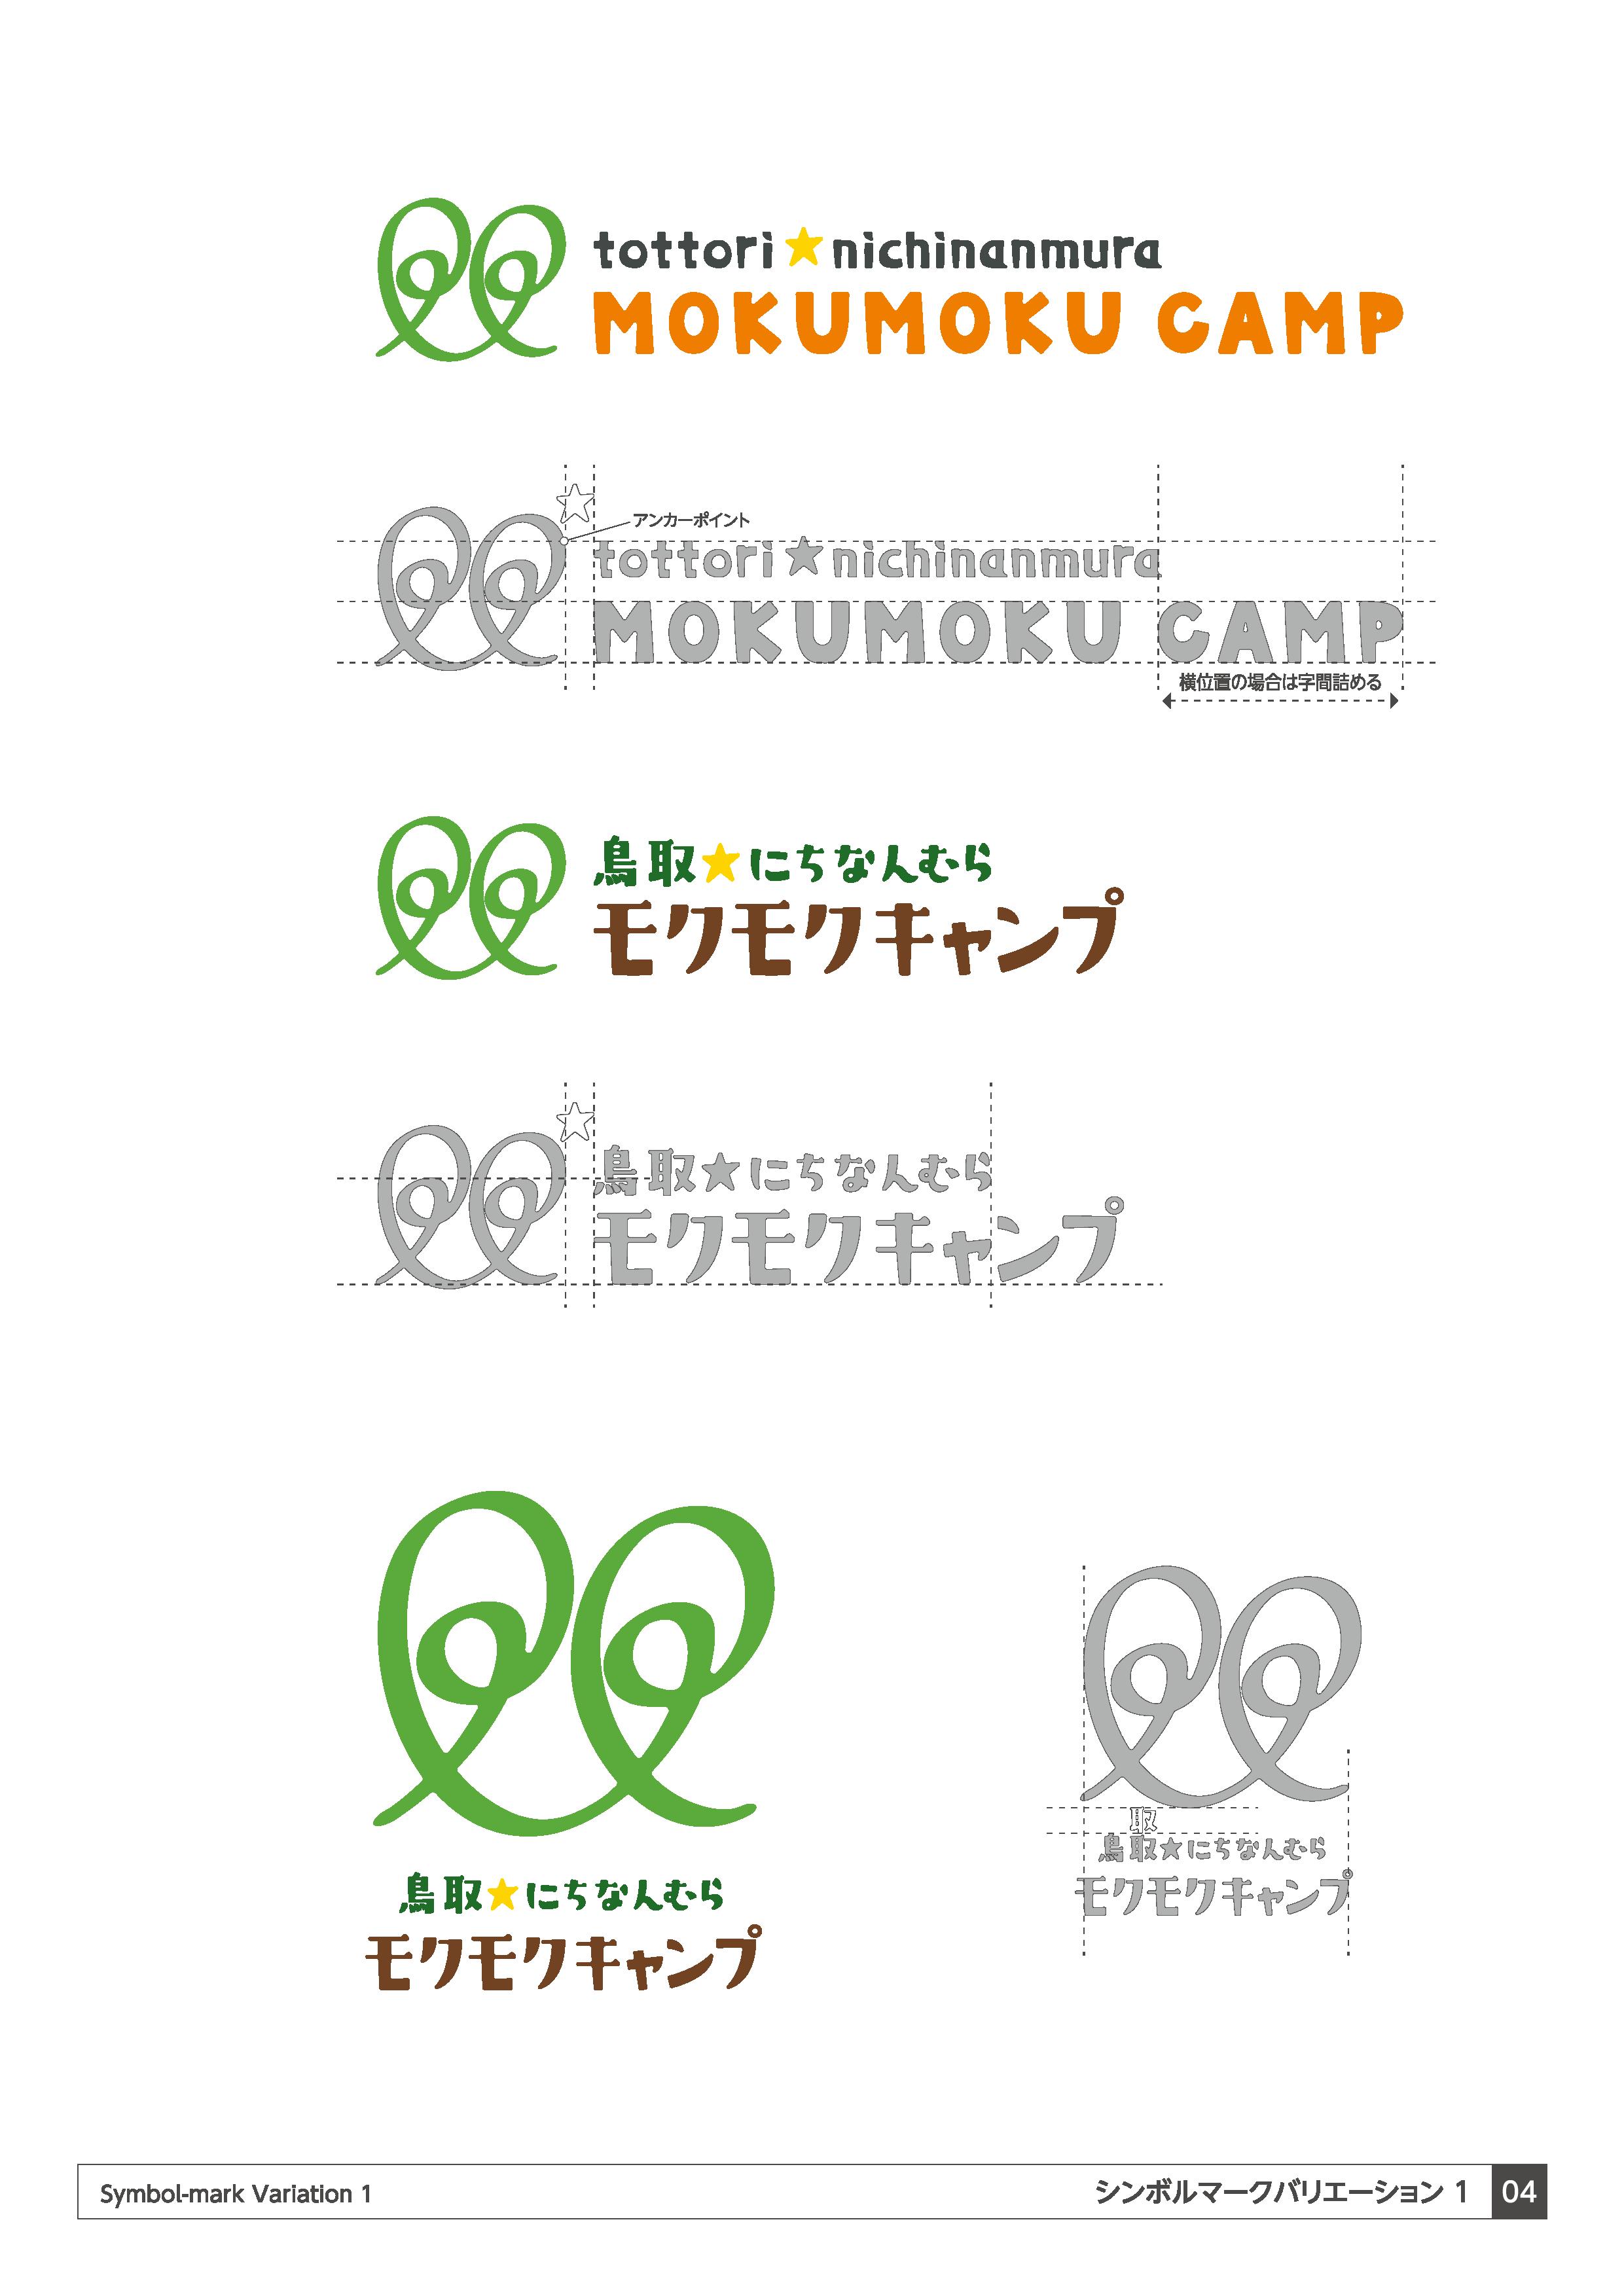 鳥取にちなんむらモクモクキャンプ-ロゴマーク05